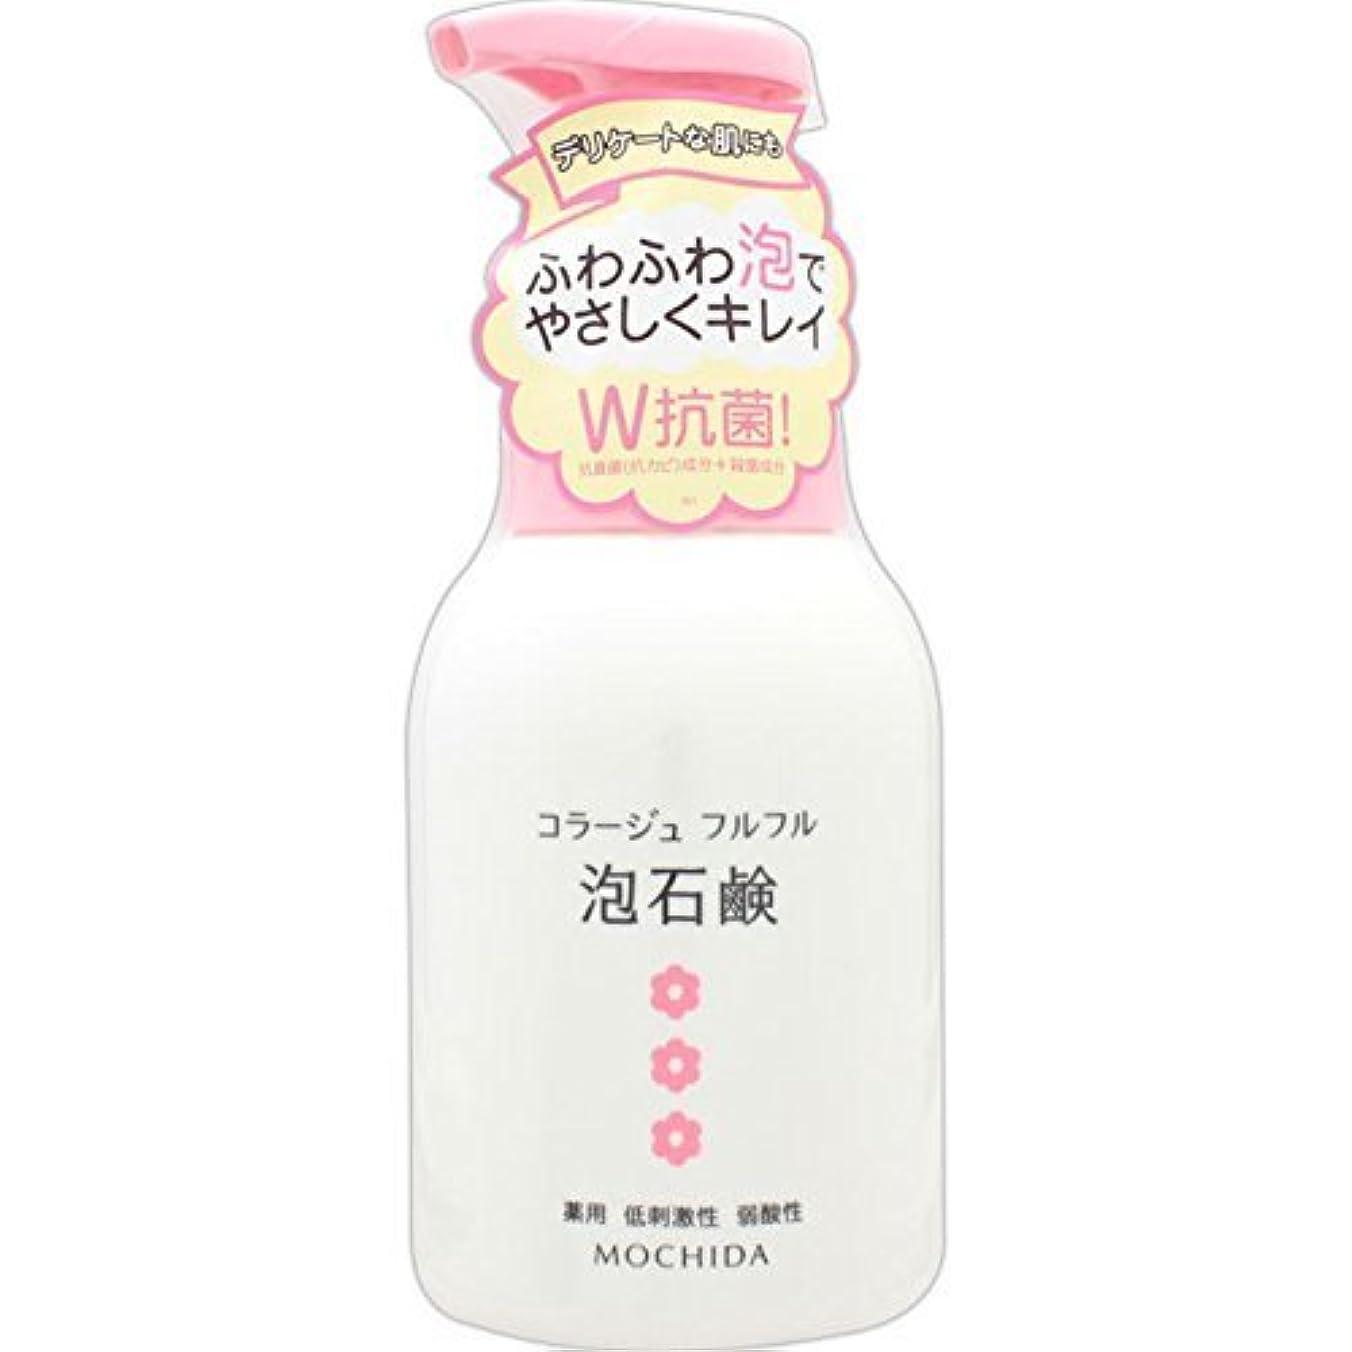 オーチャード理想的には削るコラージュフルフル 泡石鹸 ピンク 300m L (医薬部外品) ×5